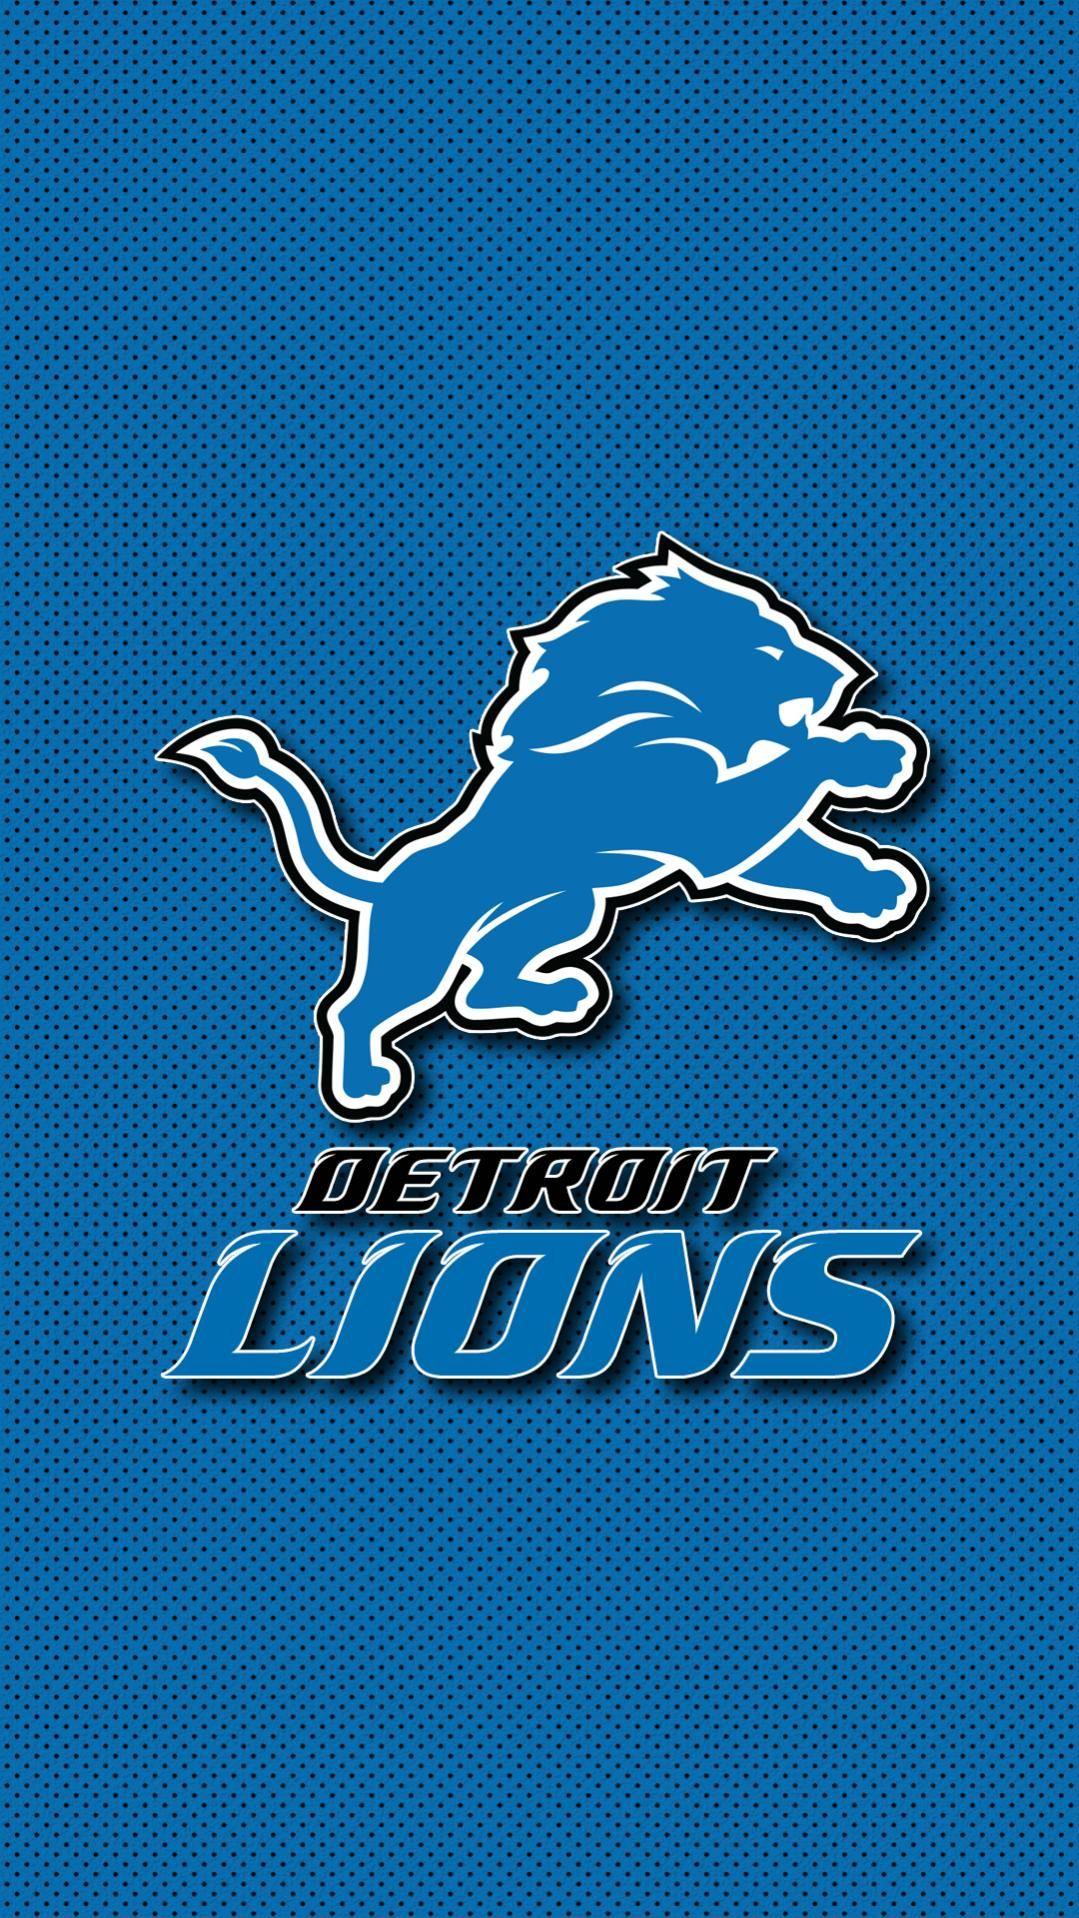 Click This Image To Show The Full Size Version Detroit Lions Wallpaper Detroit Lions Logo Detroit Lions